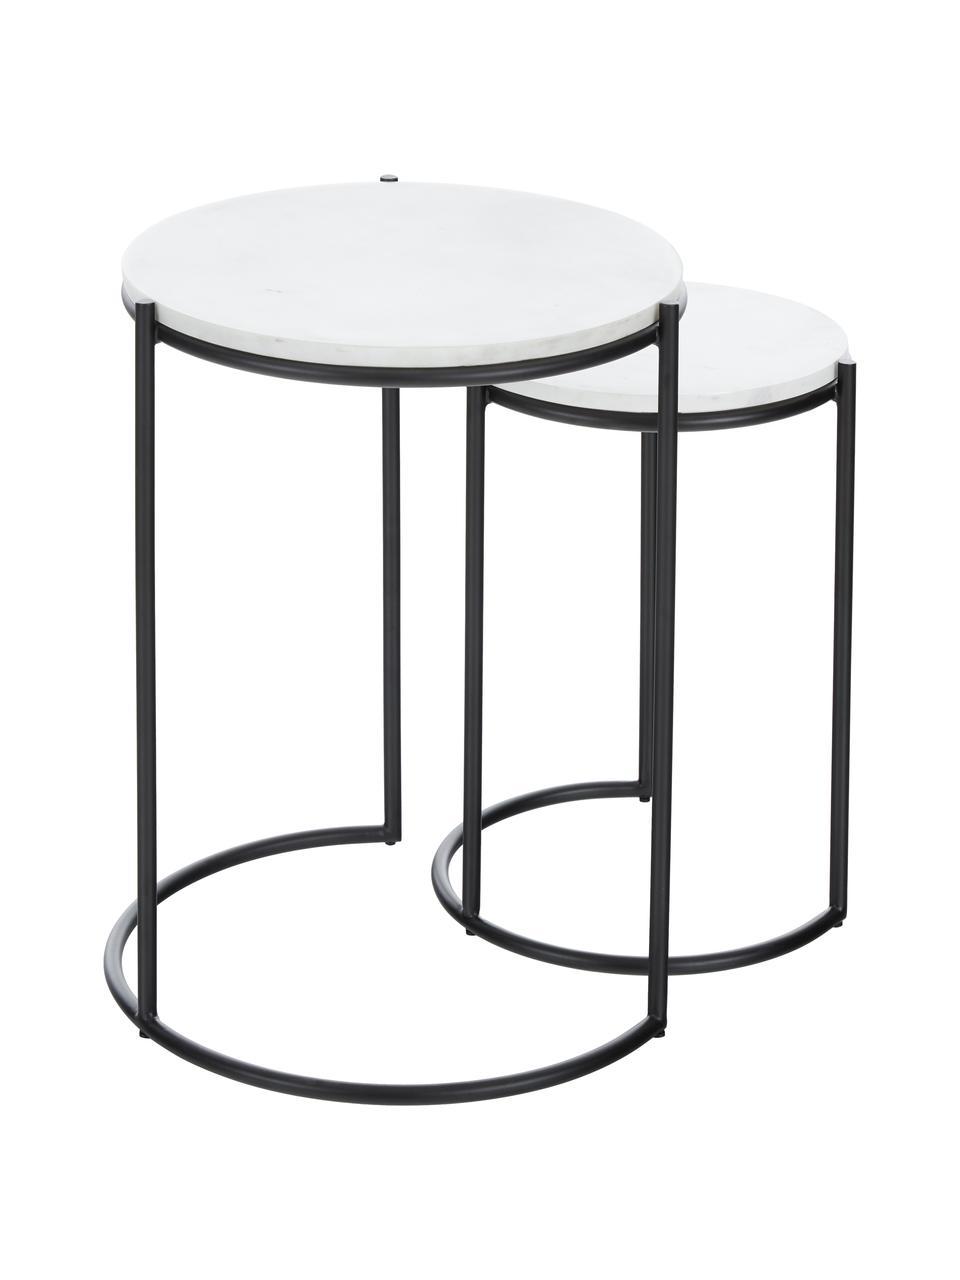 Marmor-Beistelltisch-Set Ella, 2-tlg., Tischplatten: Weißer MarmorGestelle: Schwarz, matt, Sondergrößen